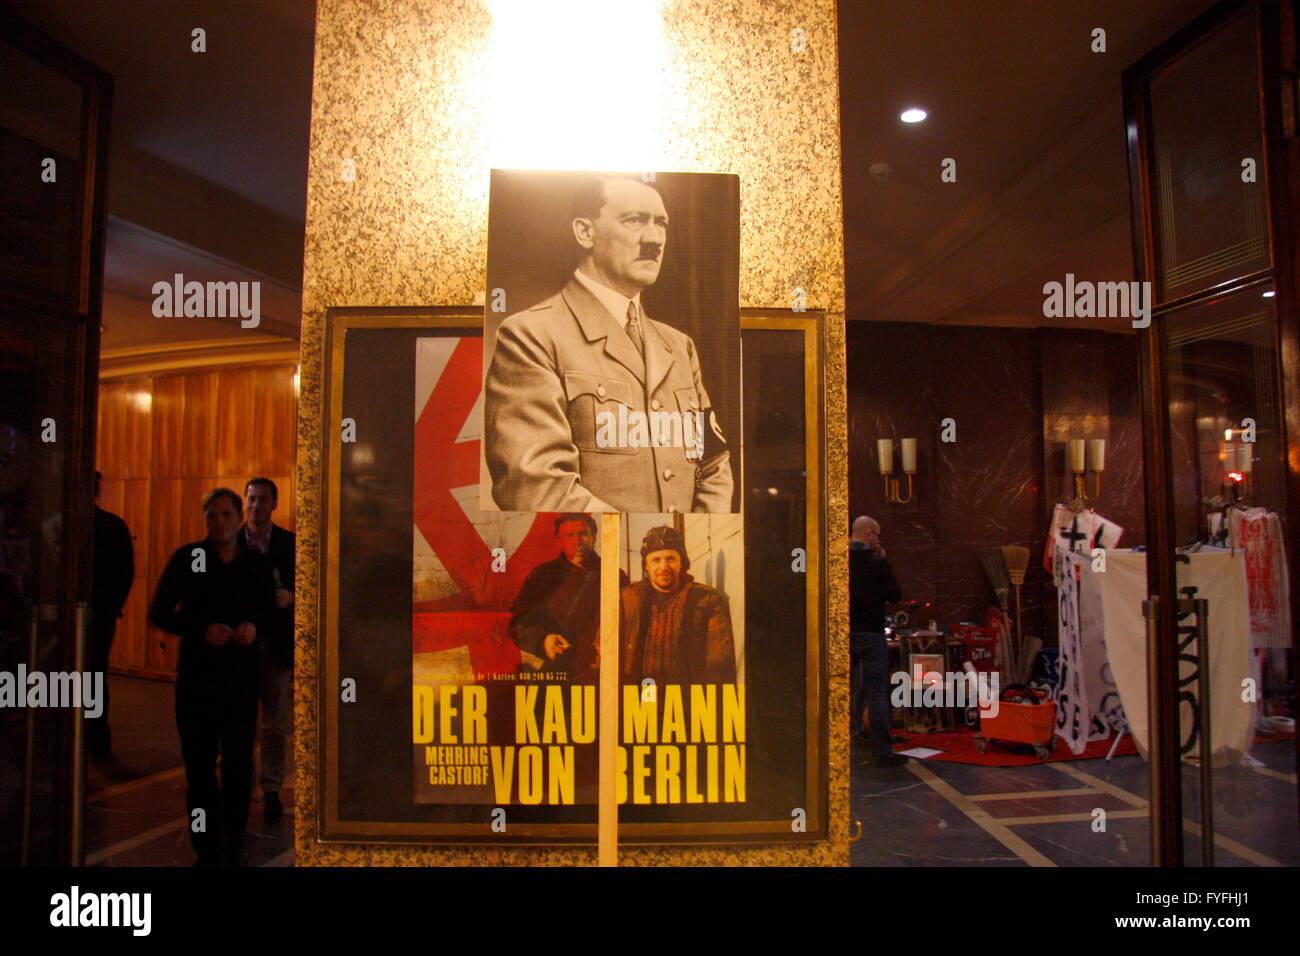 Impressionen - 'Gedenken 3000', Veranstaltung fuer den im August 2010 verstorbenen Christoph Schlingensief - Stock Image